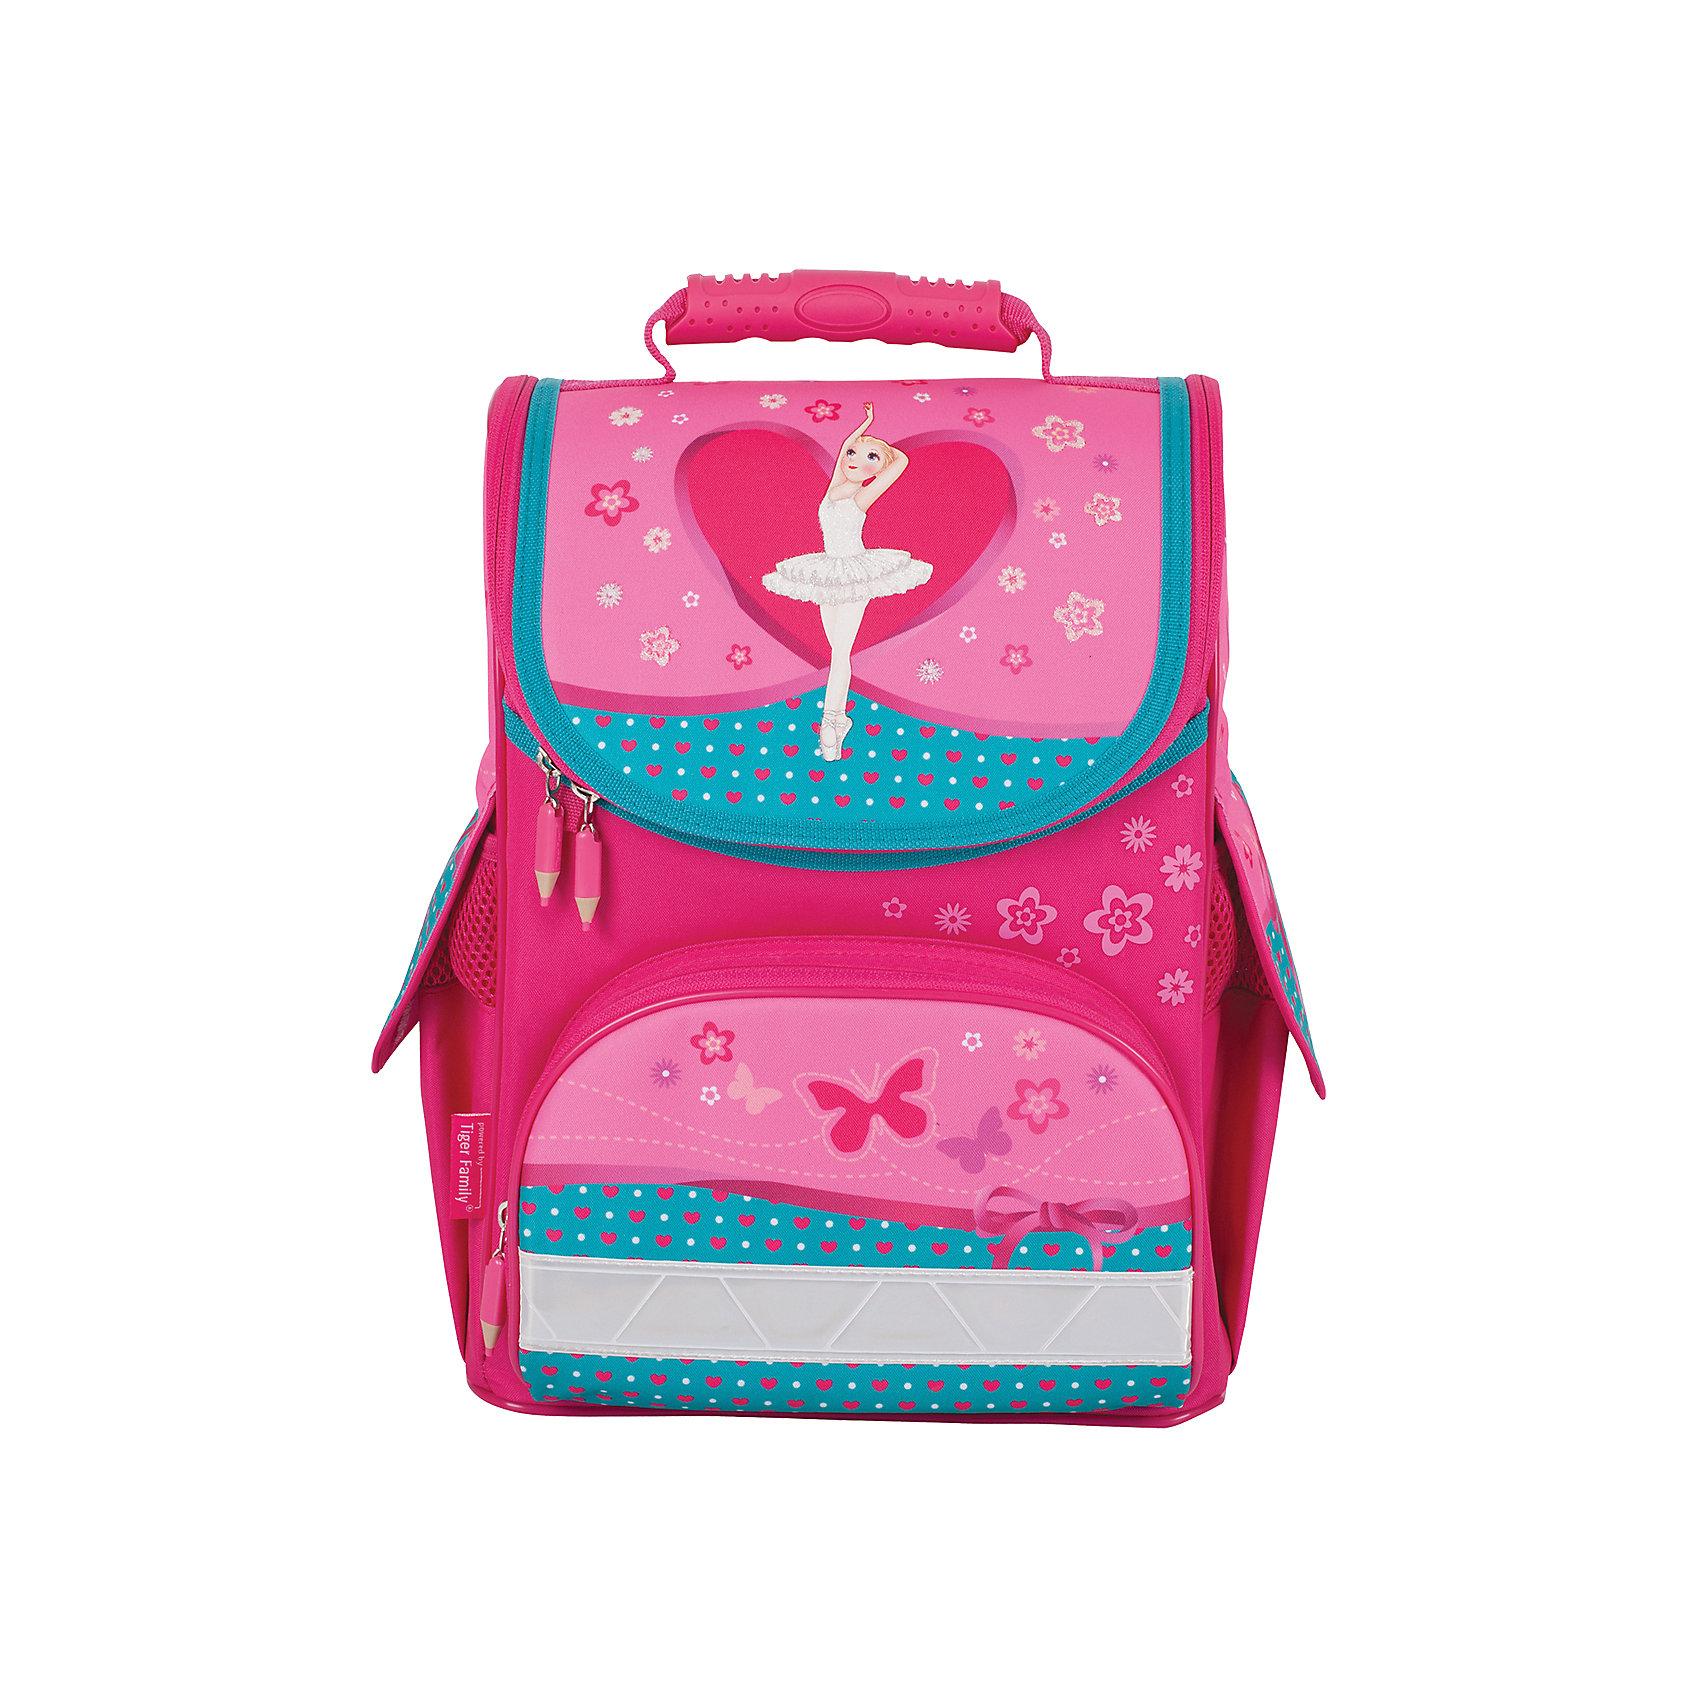 Ранец БалеринаЖесткокаркасный  ранец для Вашей маленькой принцессы. Это не только прекрасный, но и полезный подарок к 1 сентября! А нежные цвета, искрящиеся блестки и рисунок с грациозной балериной сделают этот ранец самым любимым для малышки.<br><br>Особенности:<br>- 1 отделение, 3 кармана;<br>- Прорезиненное дно;<br>- Формоустойчивая вентилируемая спинка;<br>- Широкие регулируемые лямки;<br>- Светоотражающие элементы;<br>- Водоотталкивающая ткань.<br><br>Дополнительная информация: <br><br>- Размер - 34х27х19 см.<br>- Объем - 13 л.<br>- Размер упаковки: 19х36х41 см.<br>- Вес в упаковке: 1,020 кг.<br><br>Ранец Балерина можно купить в нашем магазине.<br><br>Ширина мм: 190<br>Глубина мм: 360<br>Высота мм: 410<br>Вес г: 1020<br>Возраст от месяцев: 72<br>Возраст до месяцев: 120<br>Пол: Женский<br>Возраст: Детский<br>SKU: 4792796